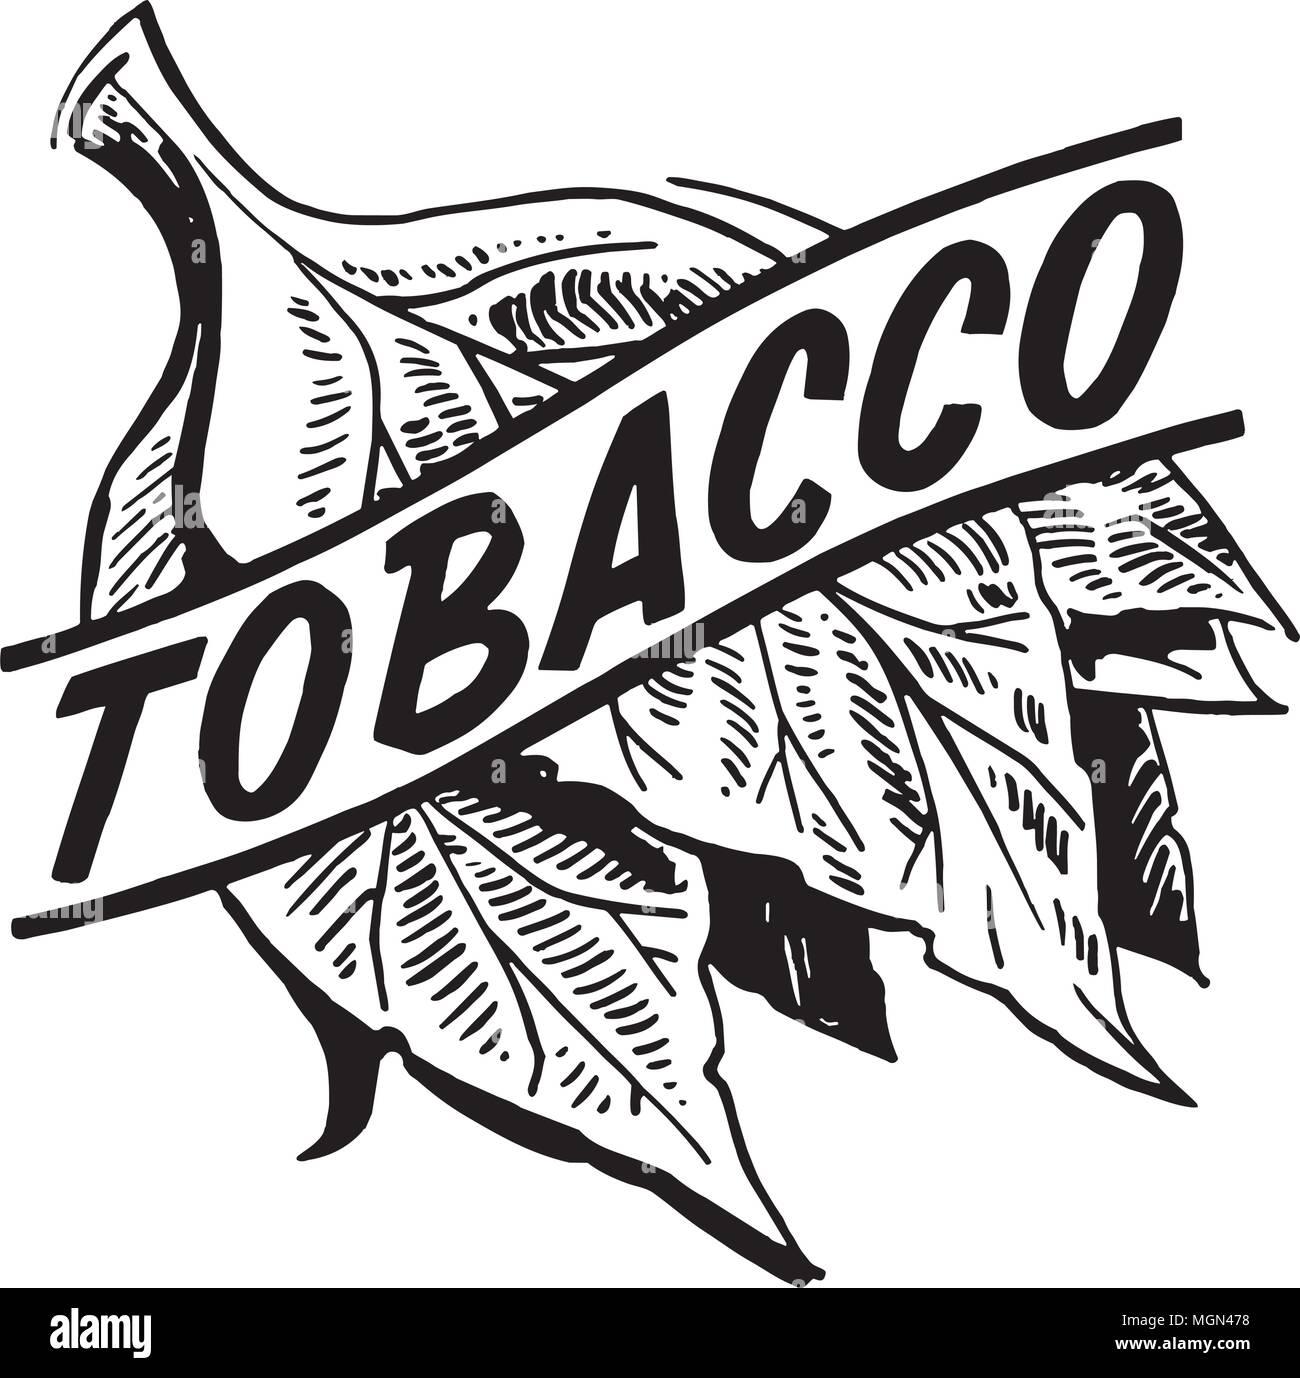 tobacco retro clipart illustration stock vector art illustration rh alamy com tobacco free clip art tobacco leaf clip art